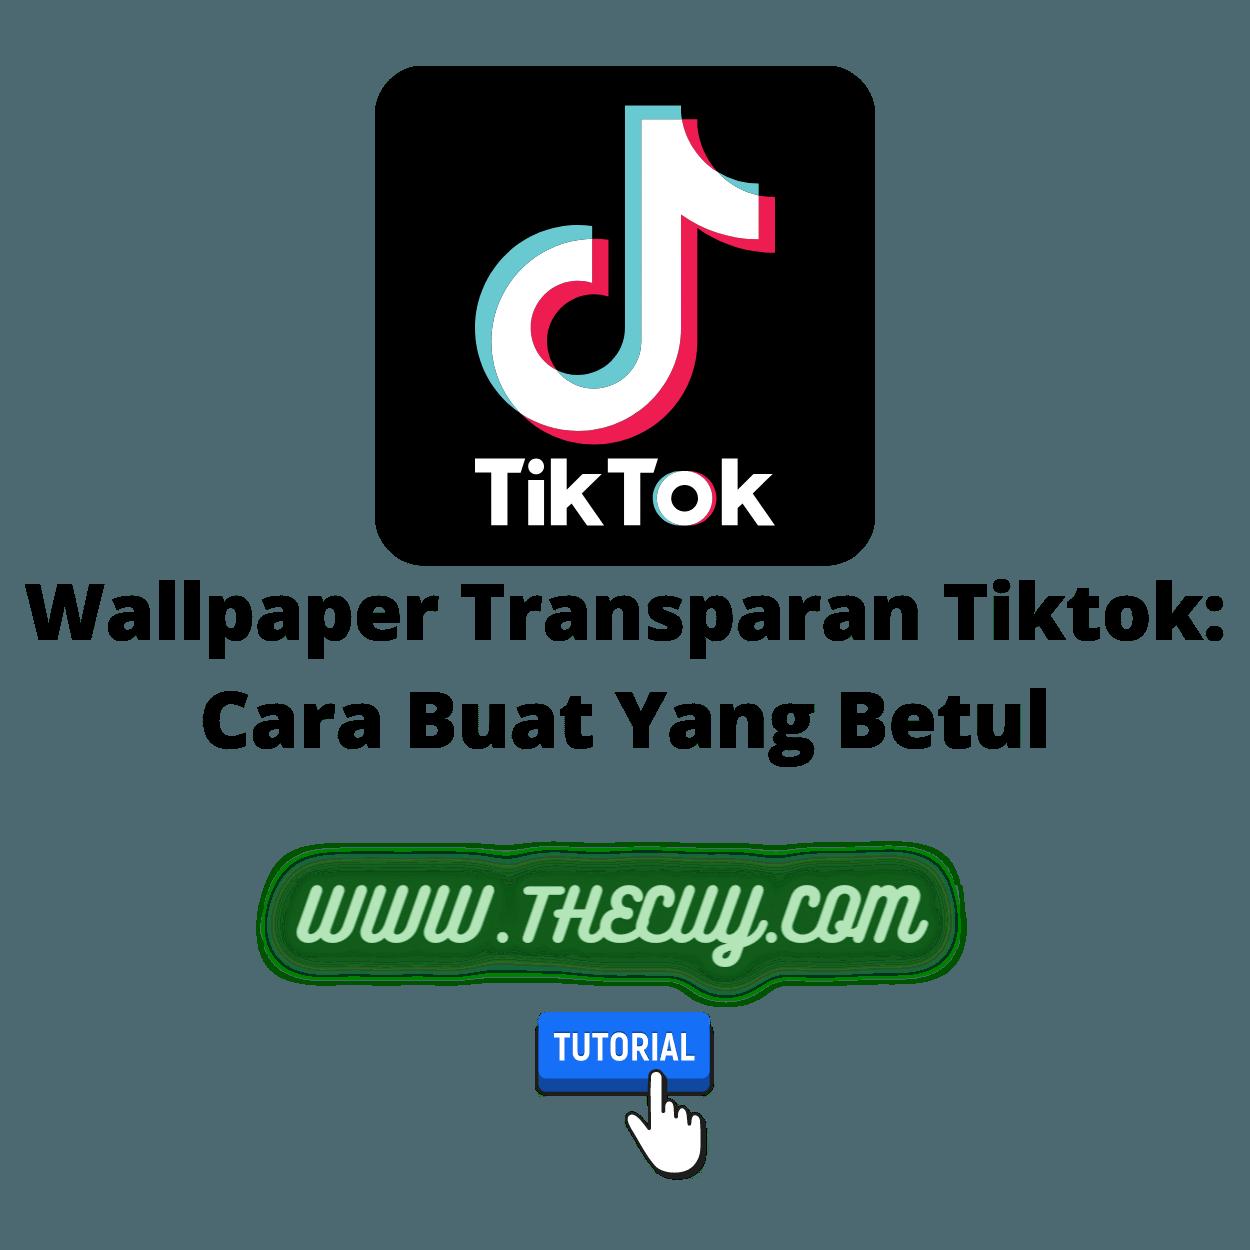 Wallpaper Transparan Tiktok: Cara Buat Yang Betul